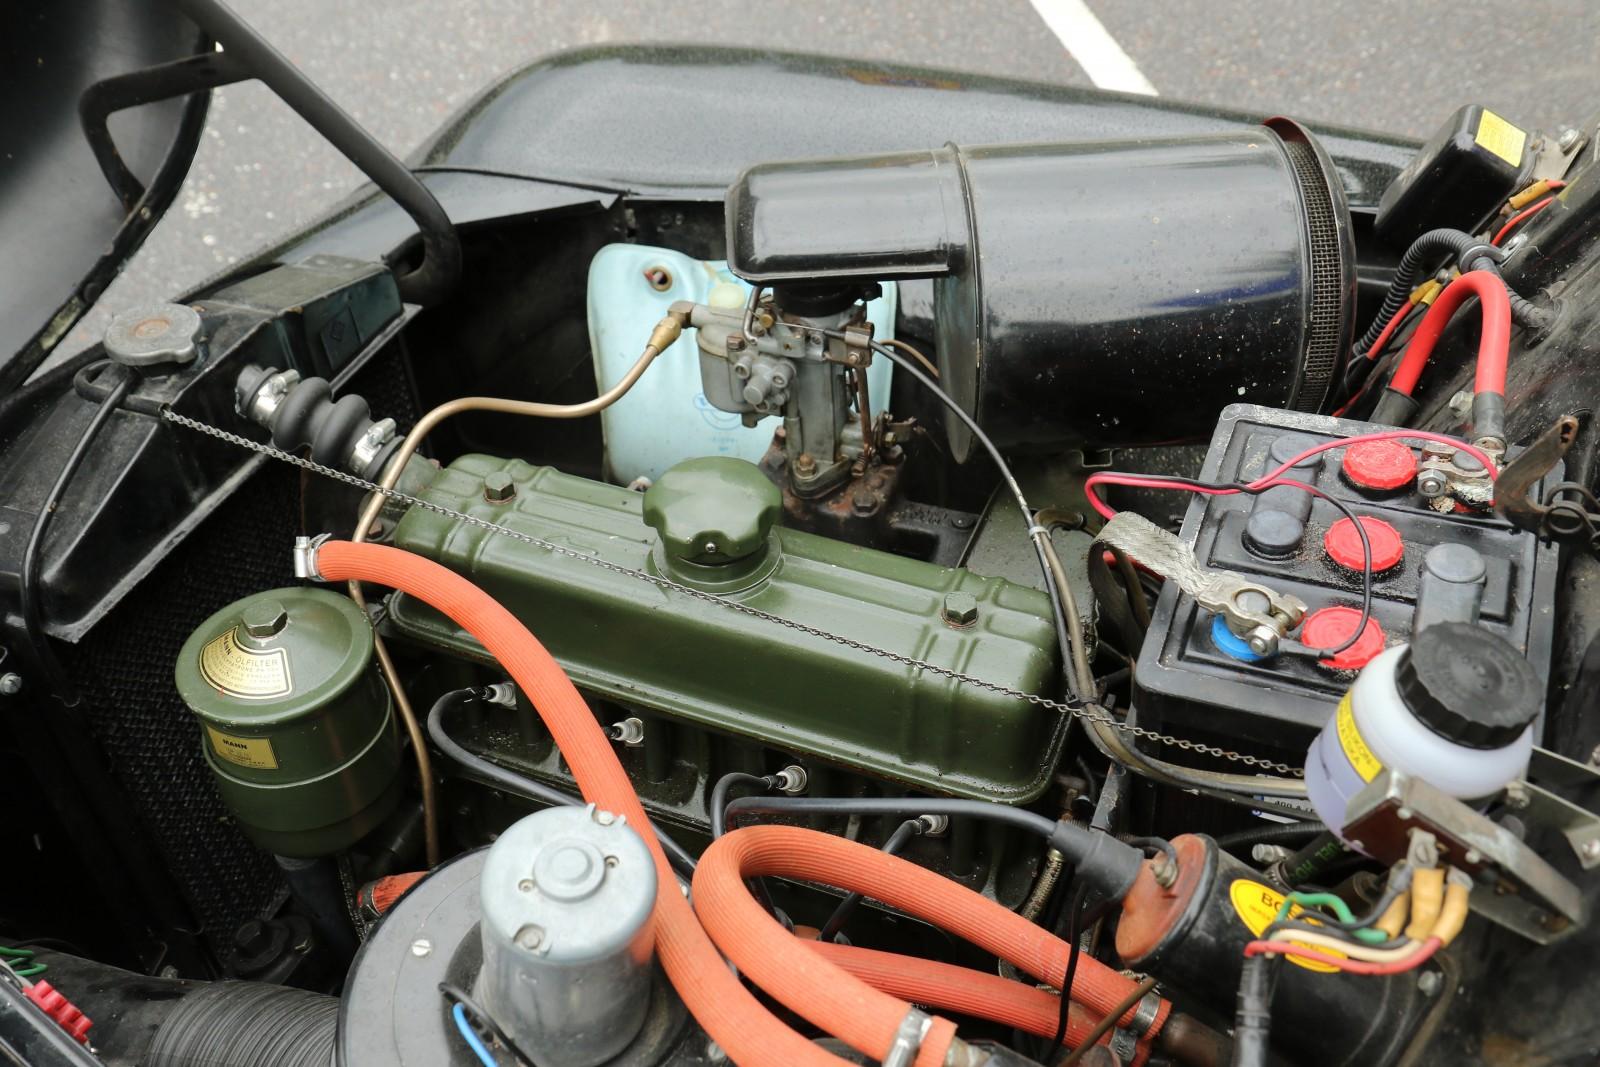 Prydlig motor som skötts av kunniga PV-klubbsmedlemmar.